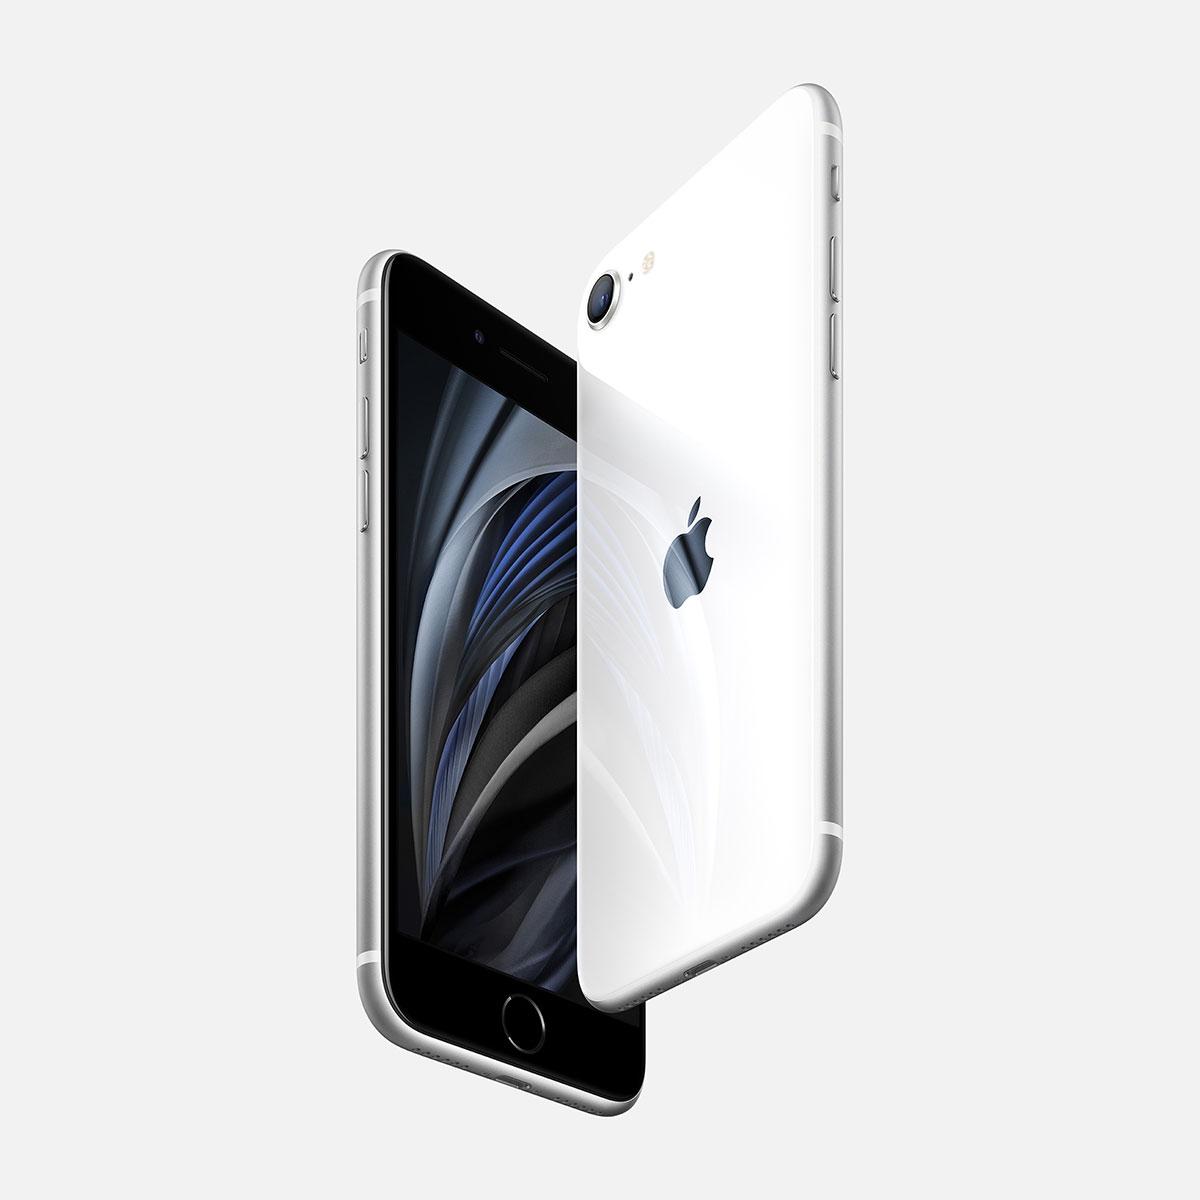 【今週発売の注目製品】アップルから、4年ぶりとなる新型「iPhone SE」が登場